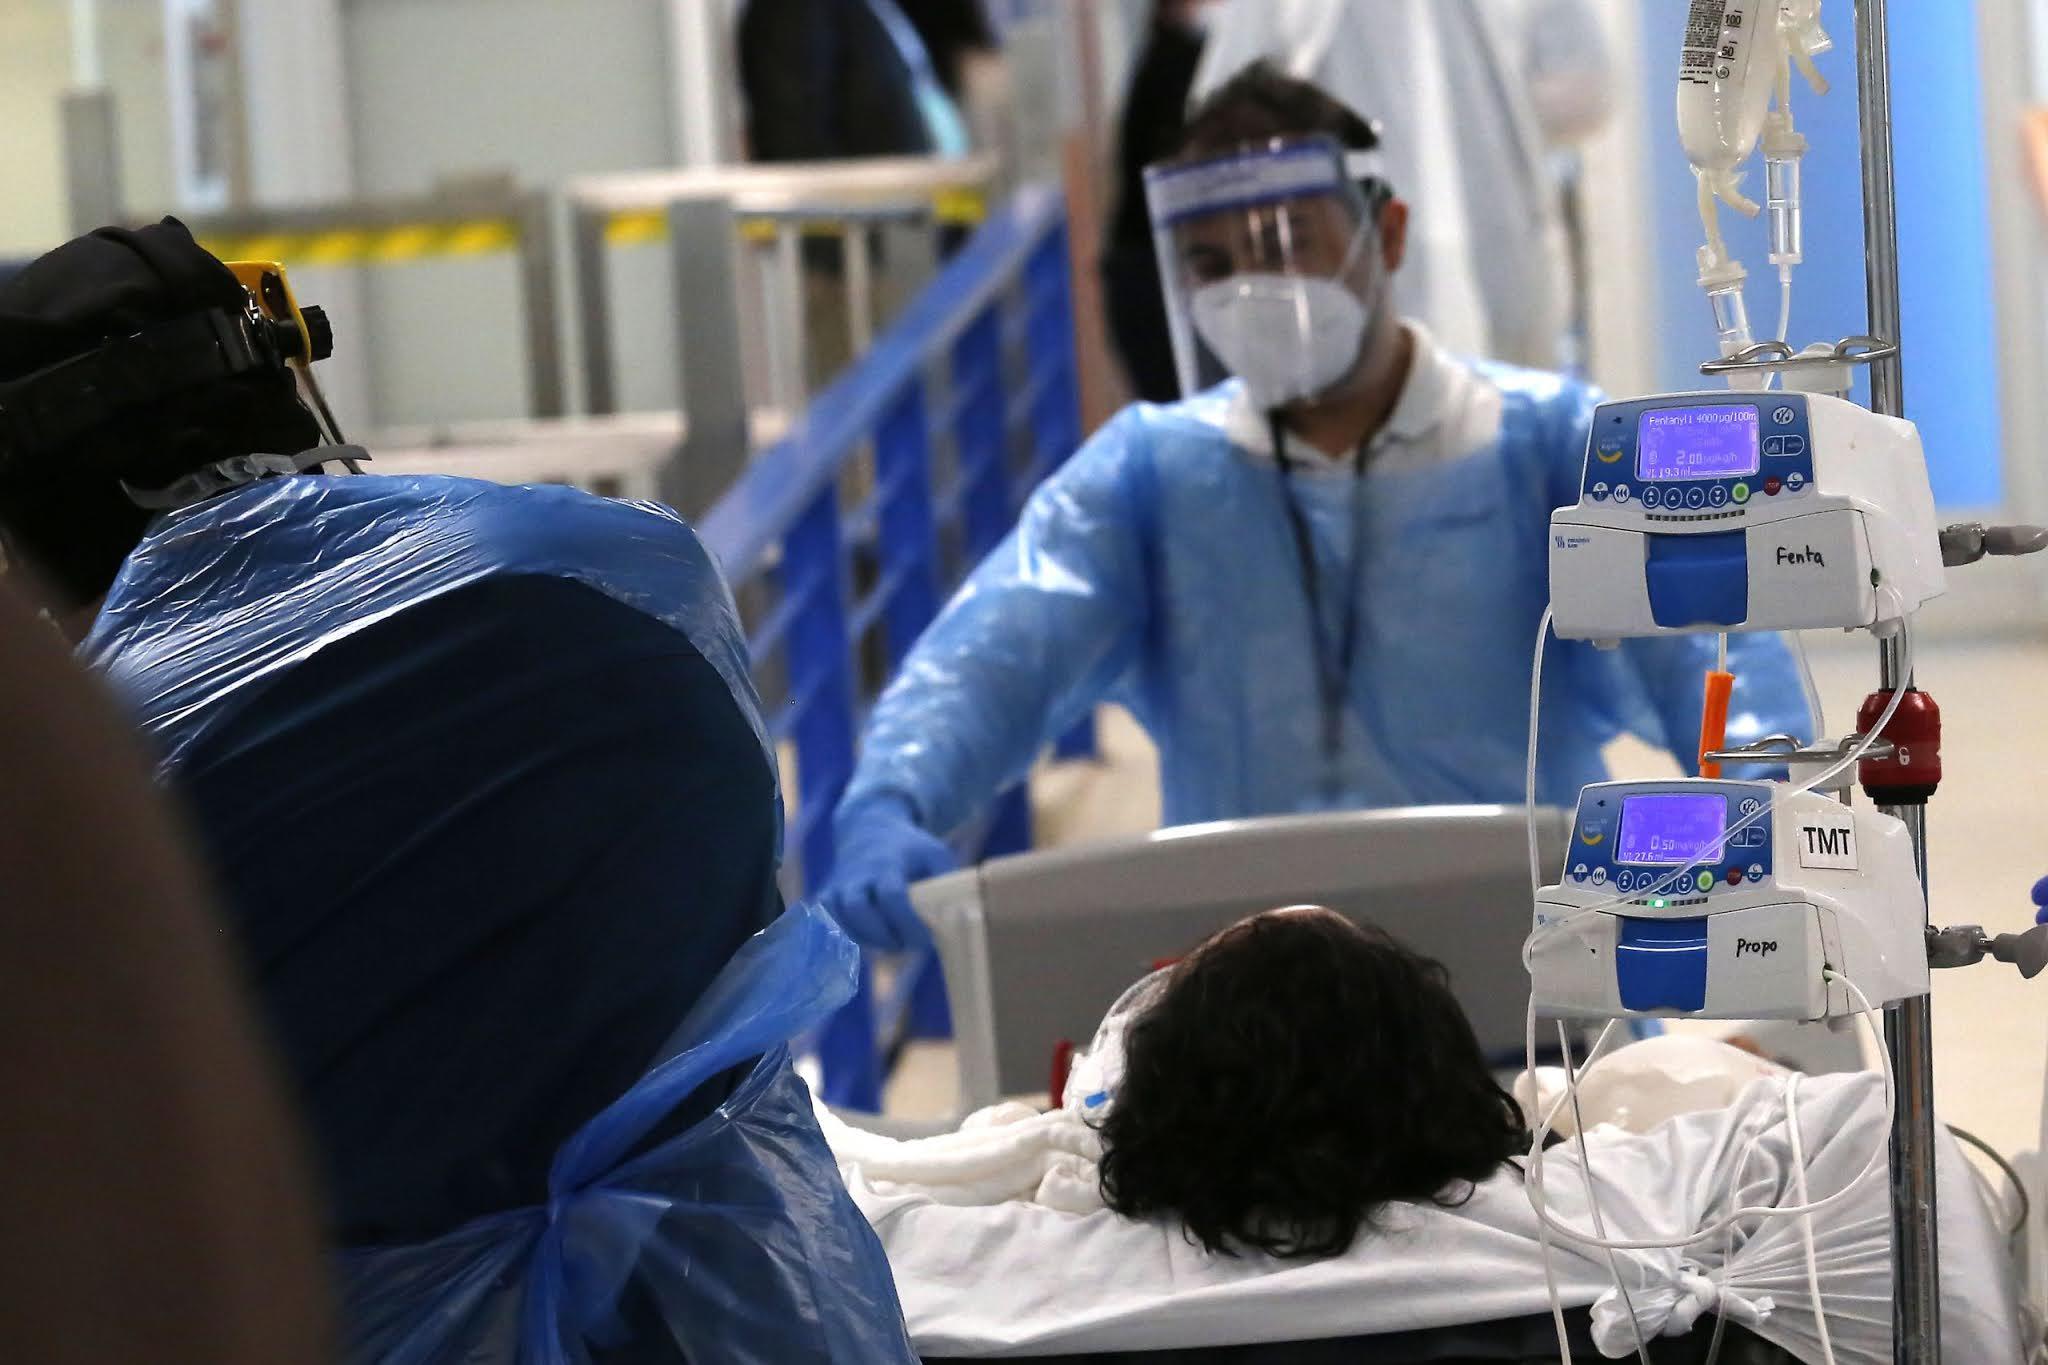 No descartan nuevo confinamiento en París por sobrecarga hospitalaria por el coronavirus